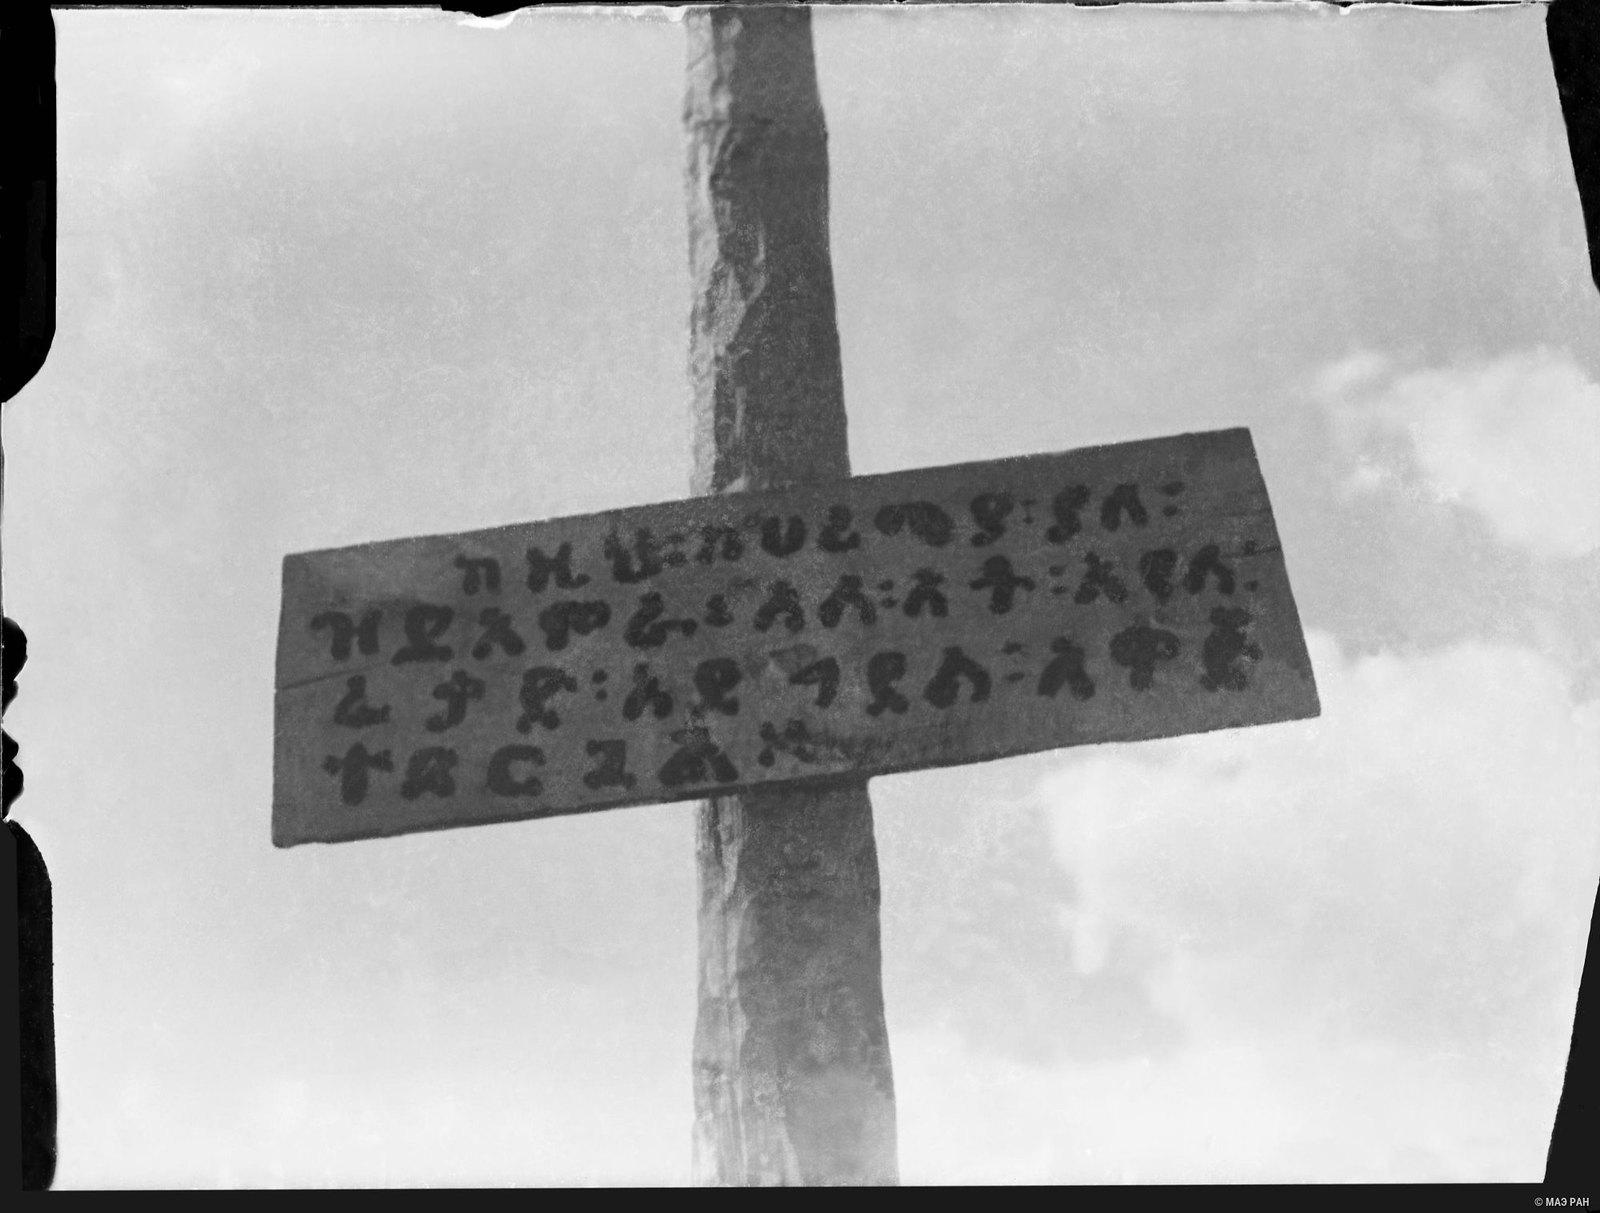 20. Столб с доской у озера Харэмайя по дороге из Дире Дауа в Харар запрет на охоту водоплавающих птиц